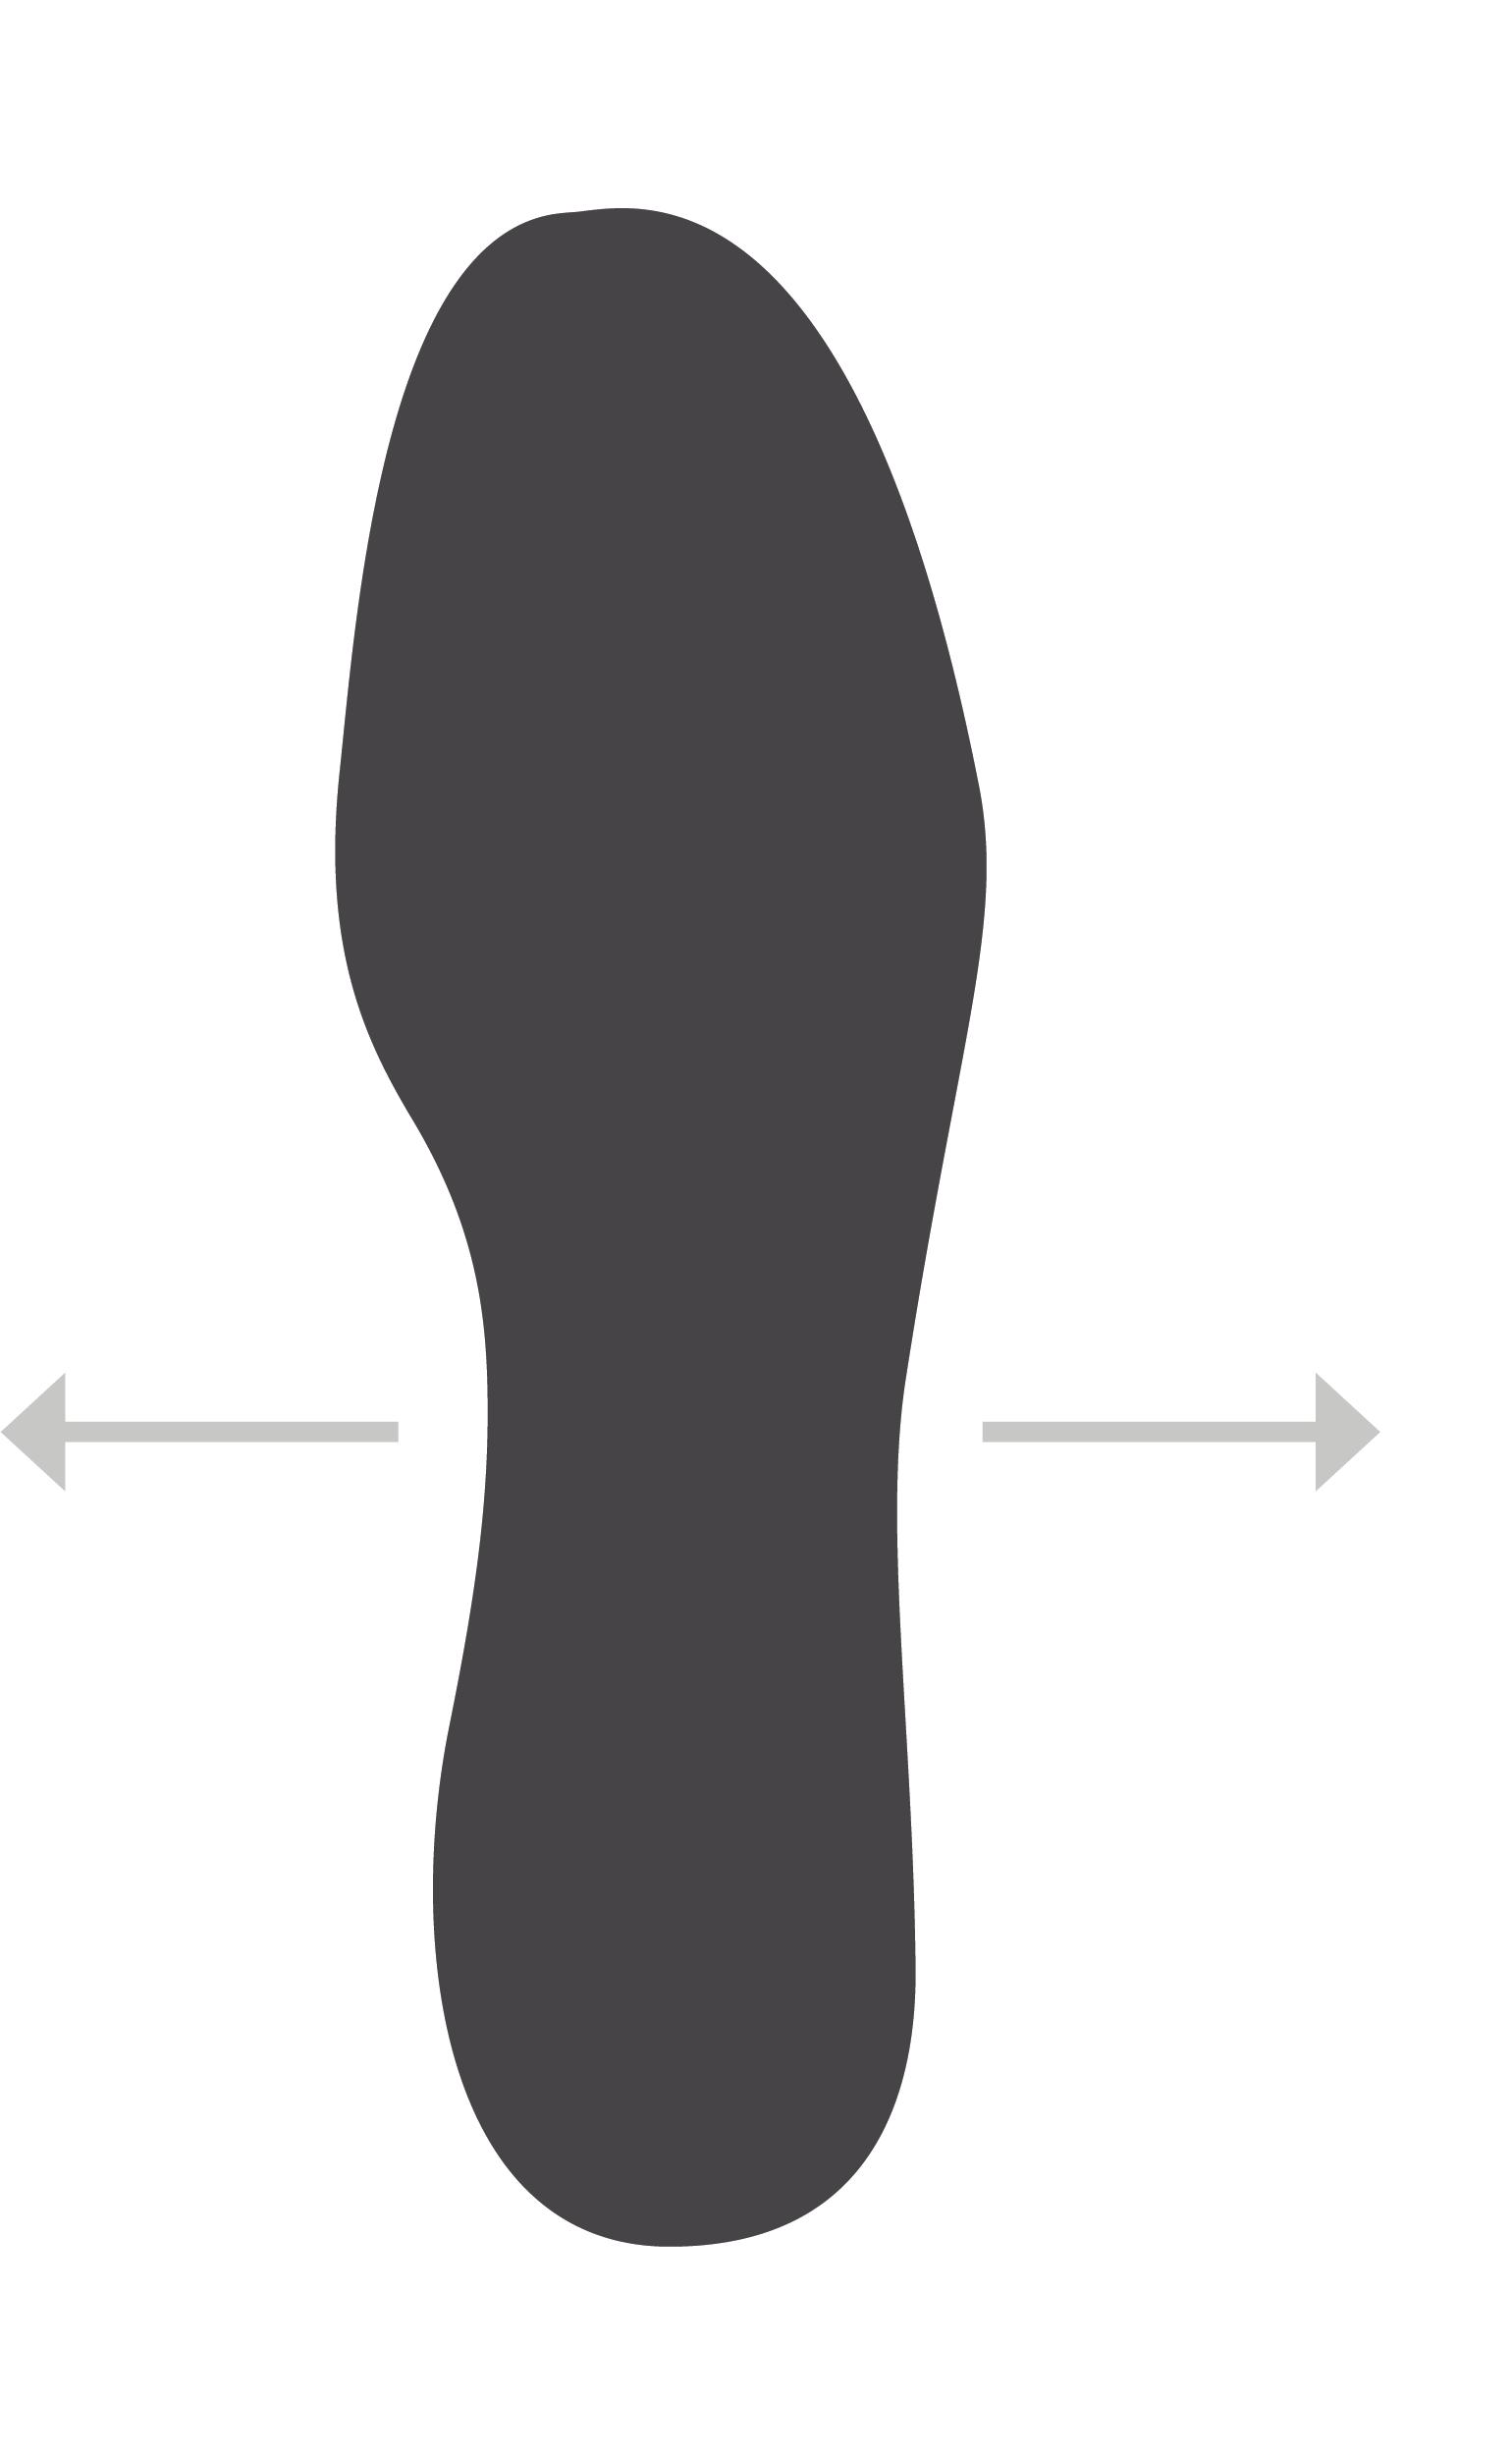 b1a6ad89107a90 Grundsätzlich umfasst die Tamaris-Kollektion nur Artikel mit Normalweite  (F-Weite). In Einzelfällen kann es zu Abweichungen der Schuhweite kommen.